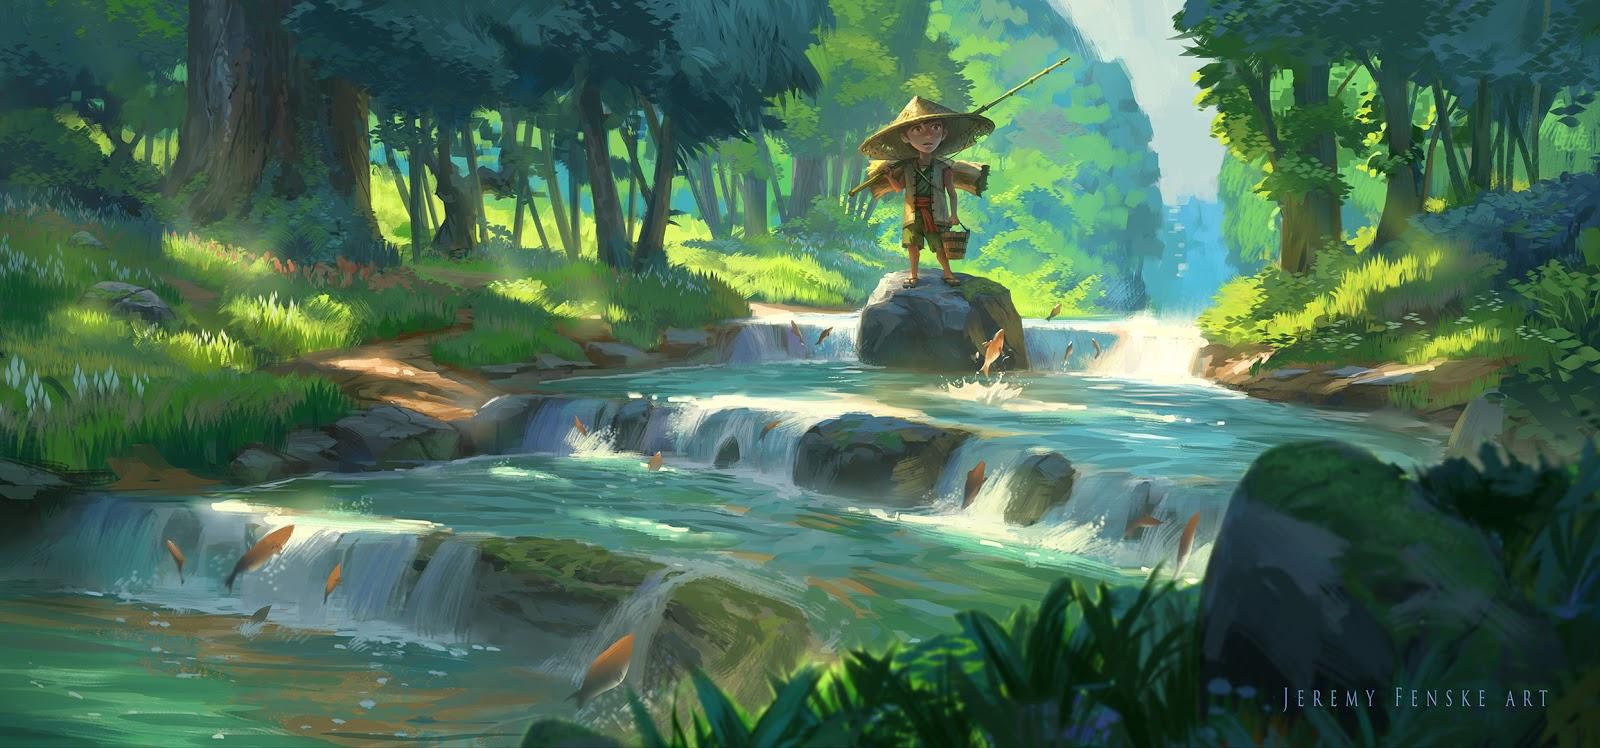 Breath Of The Wild Screensaver: Jeremy Fenske Art